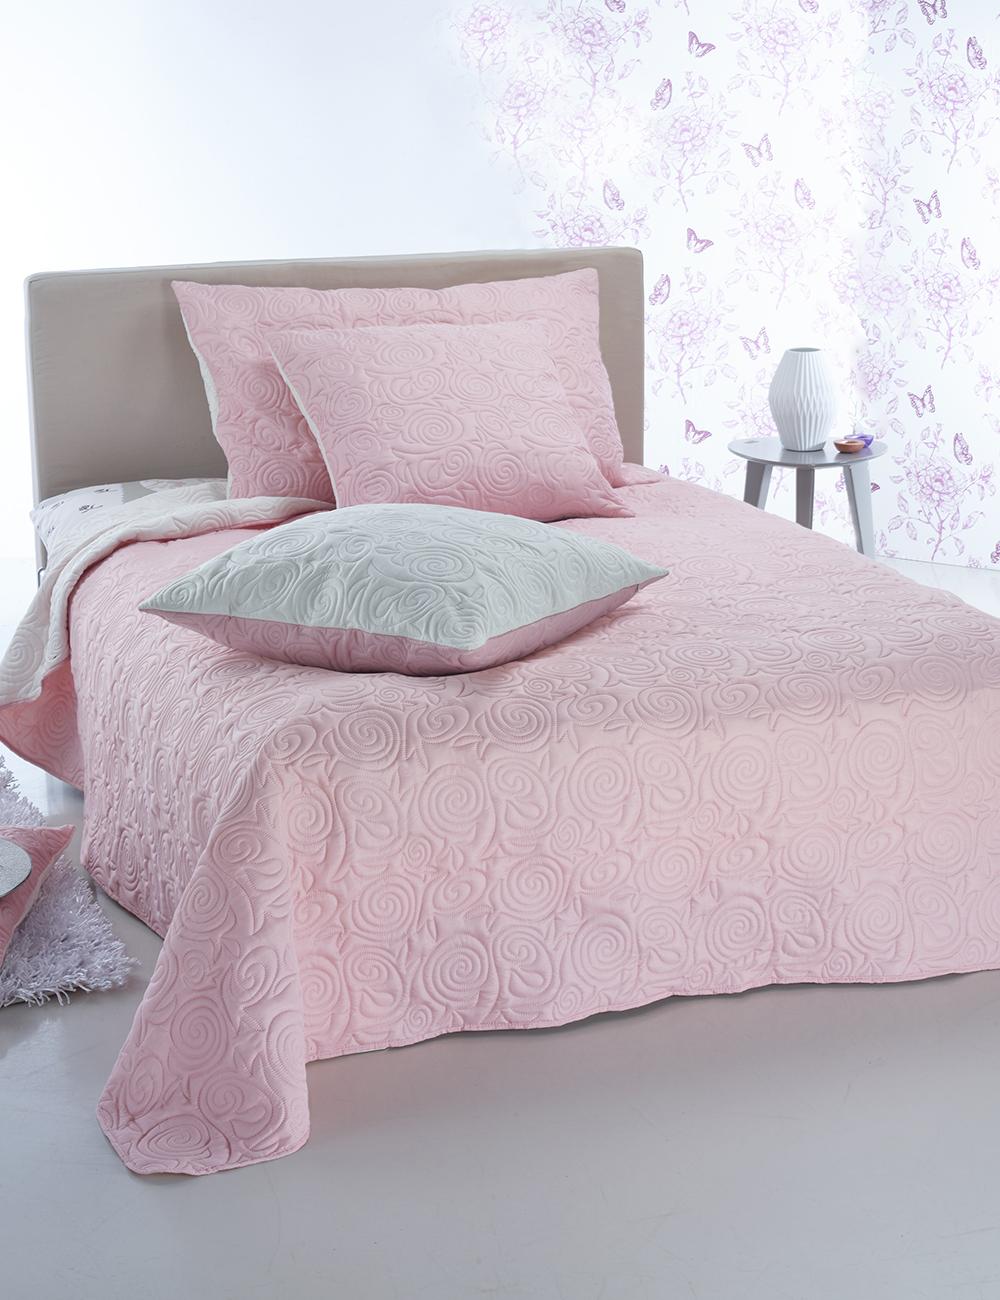 couvre lit ultra 260 x 260 cm rose ivoire. Black Bedroom Furniture Sets. Home Design Ideas